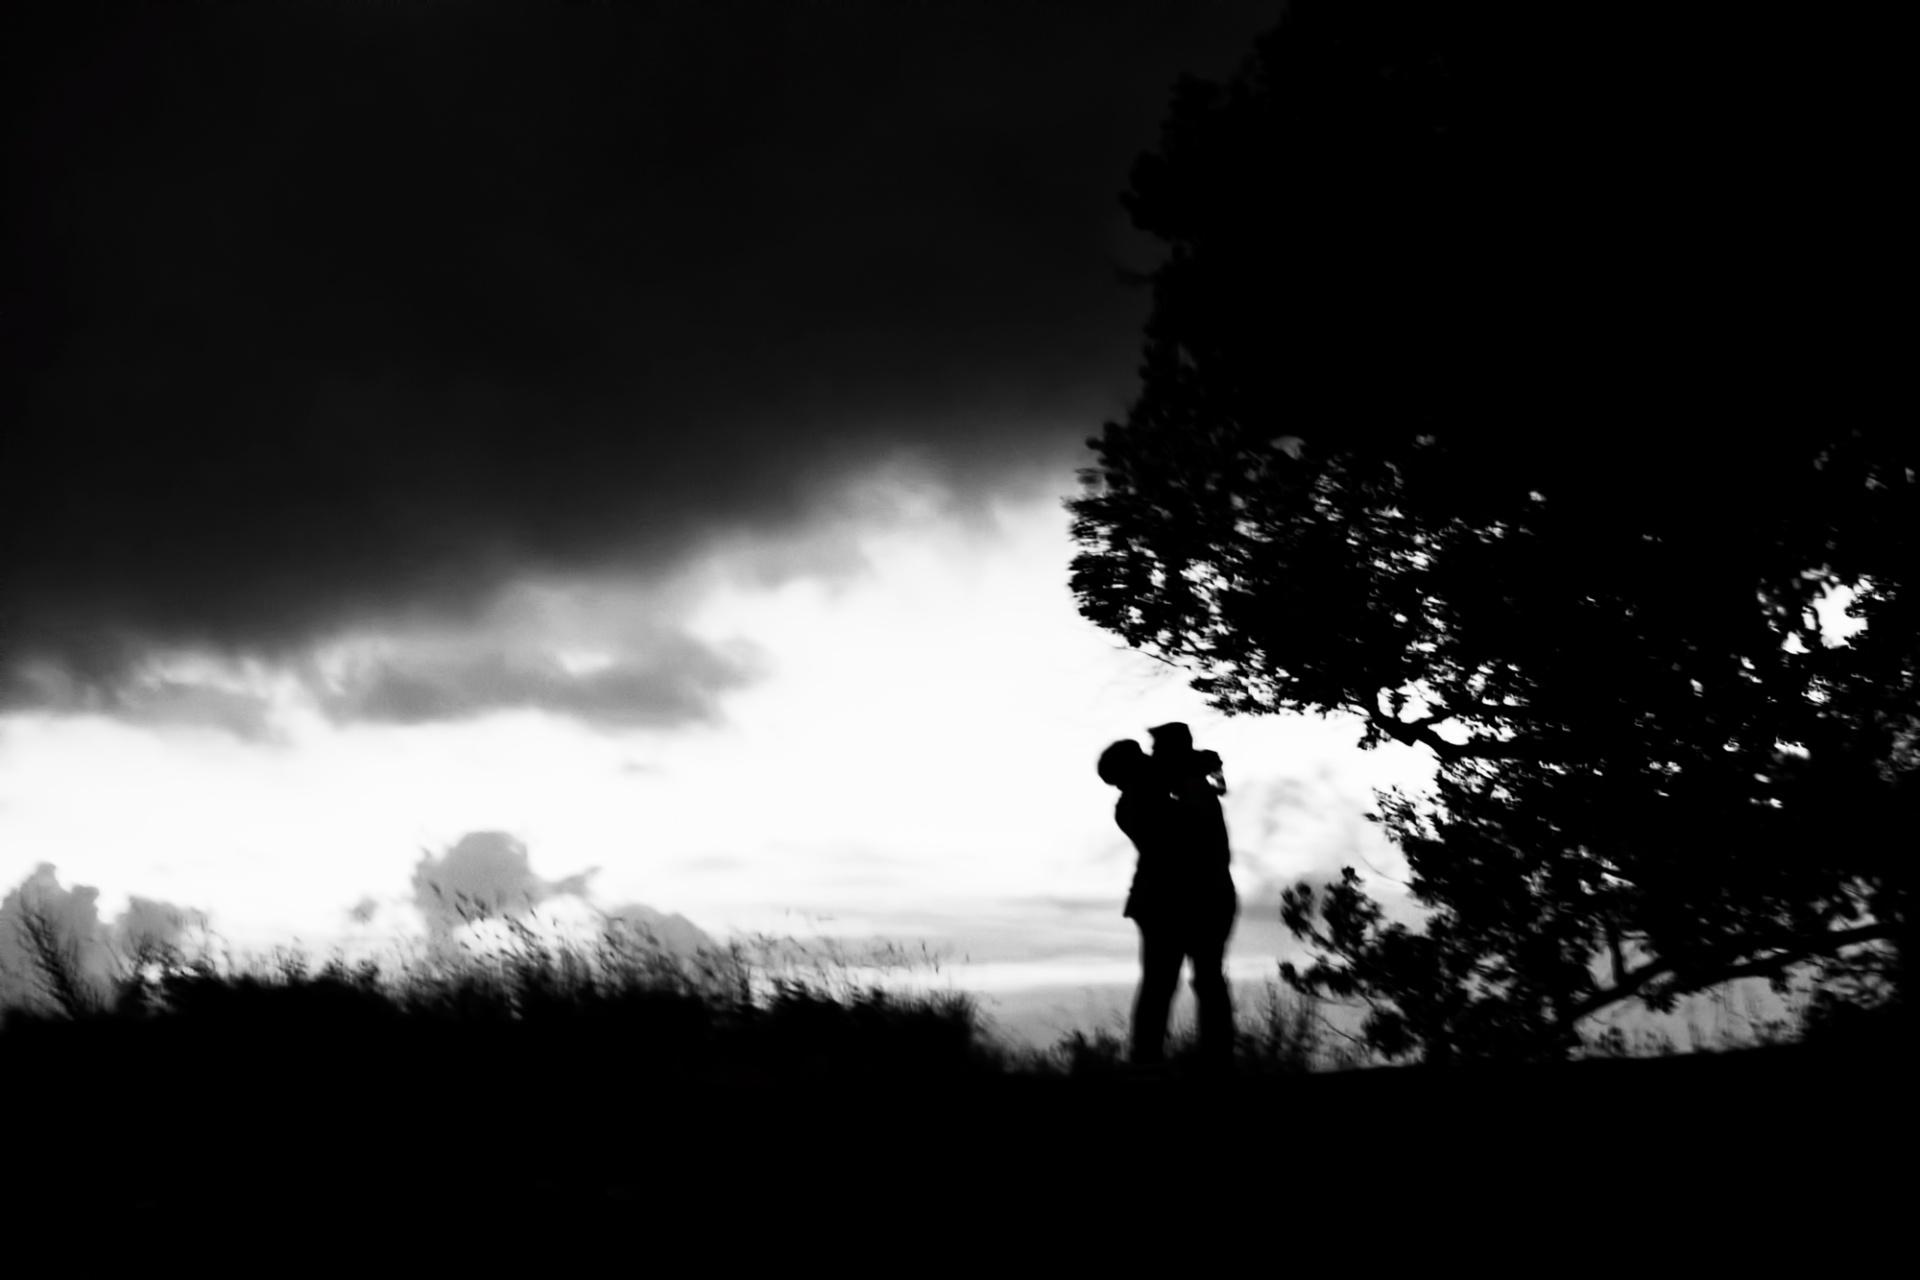 Love, Le Fotografie comprese in questo portfolio rappresentano solo una limitata selezione della più ampia e variagata produzione dell'autore. Una raccolta antologica, che comprende oltre un